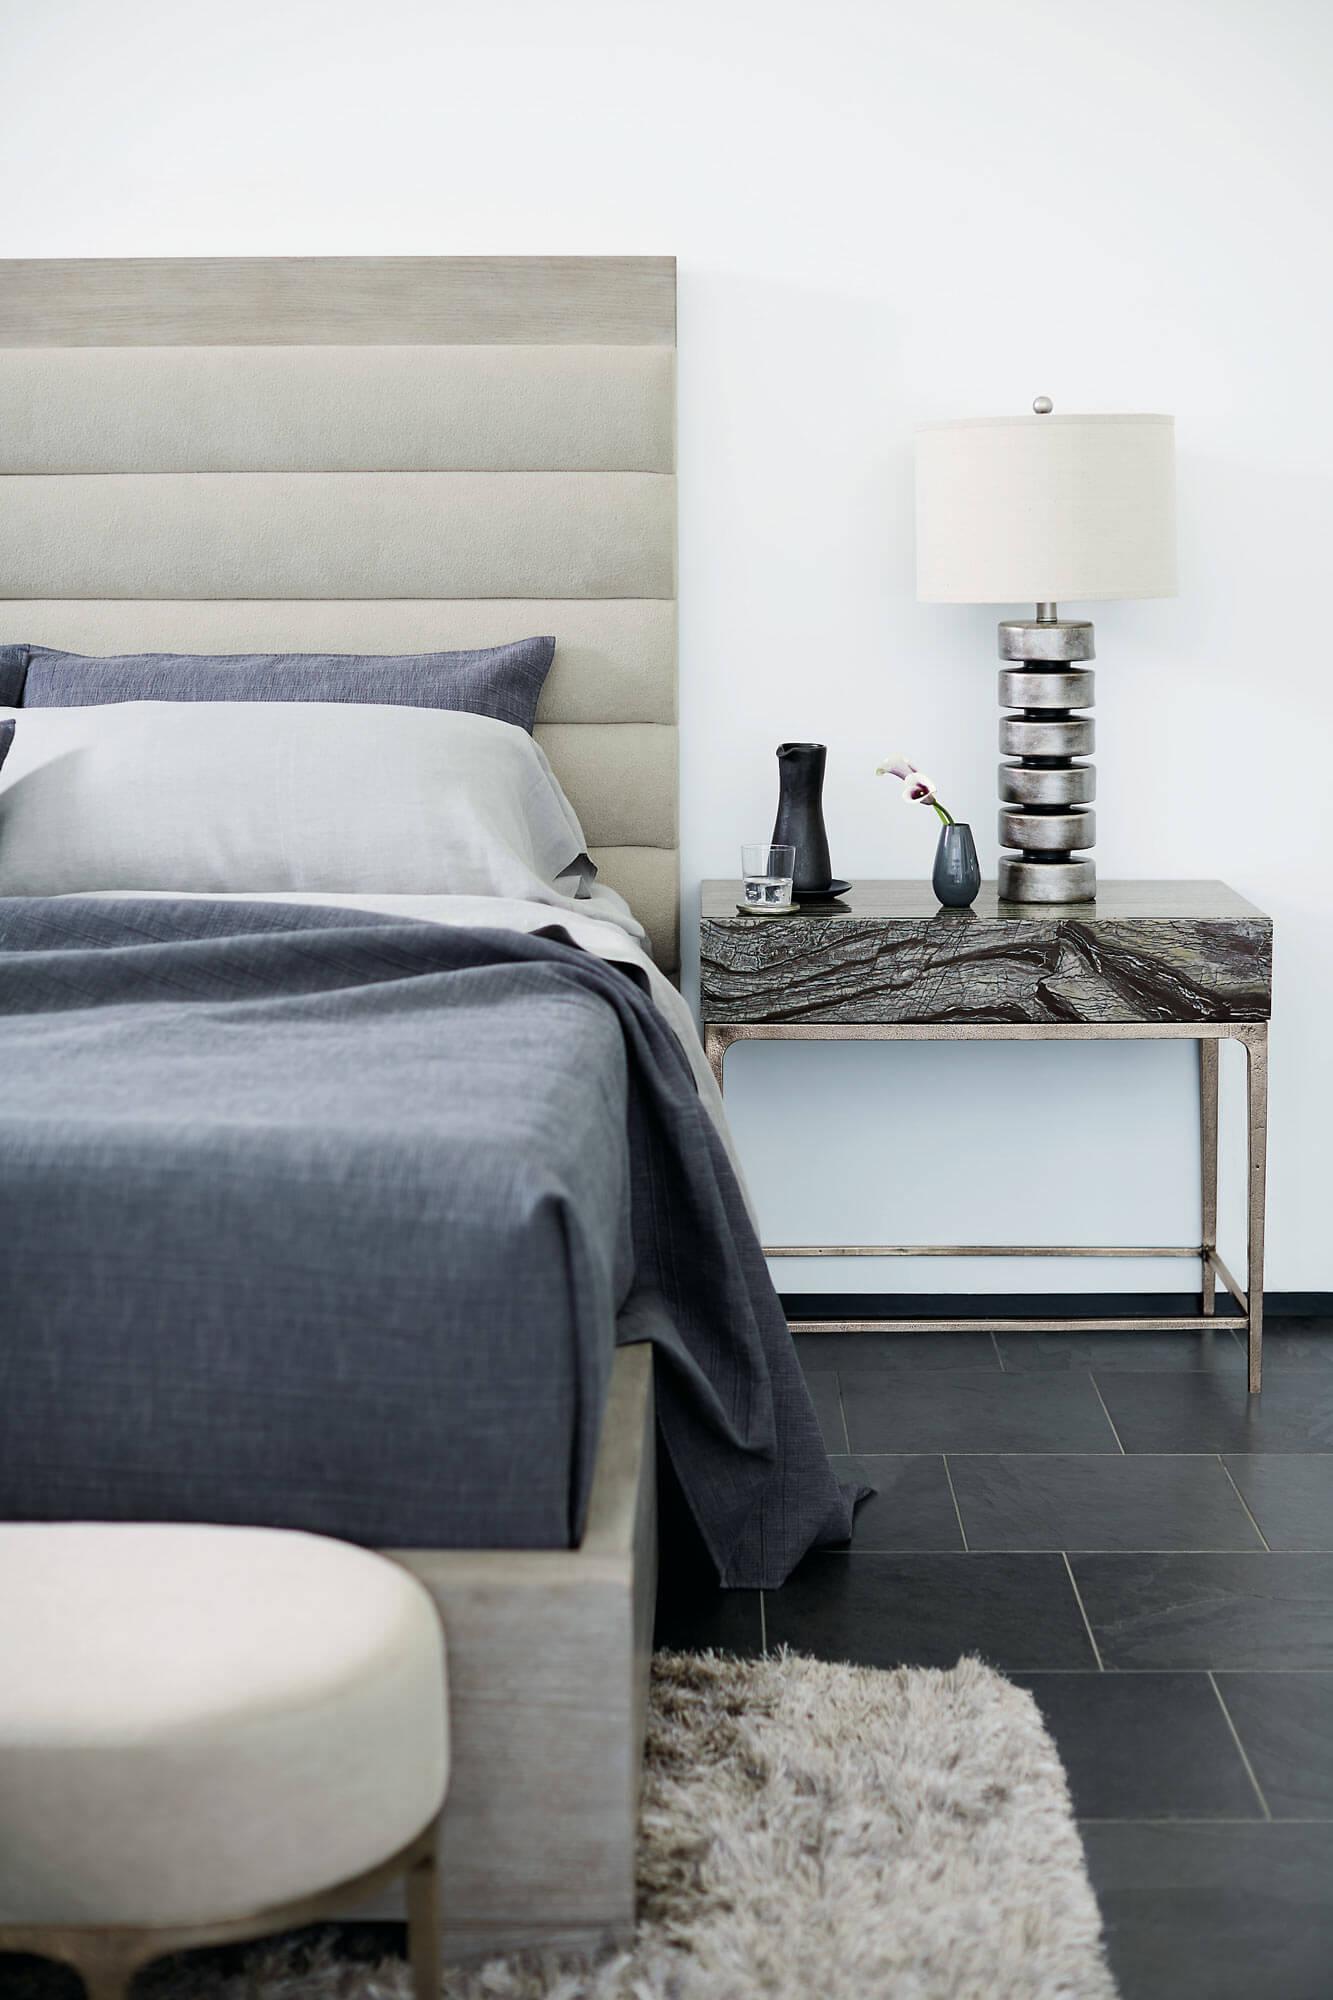 bernhardt linea bedroom